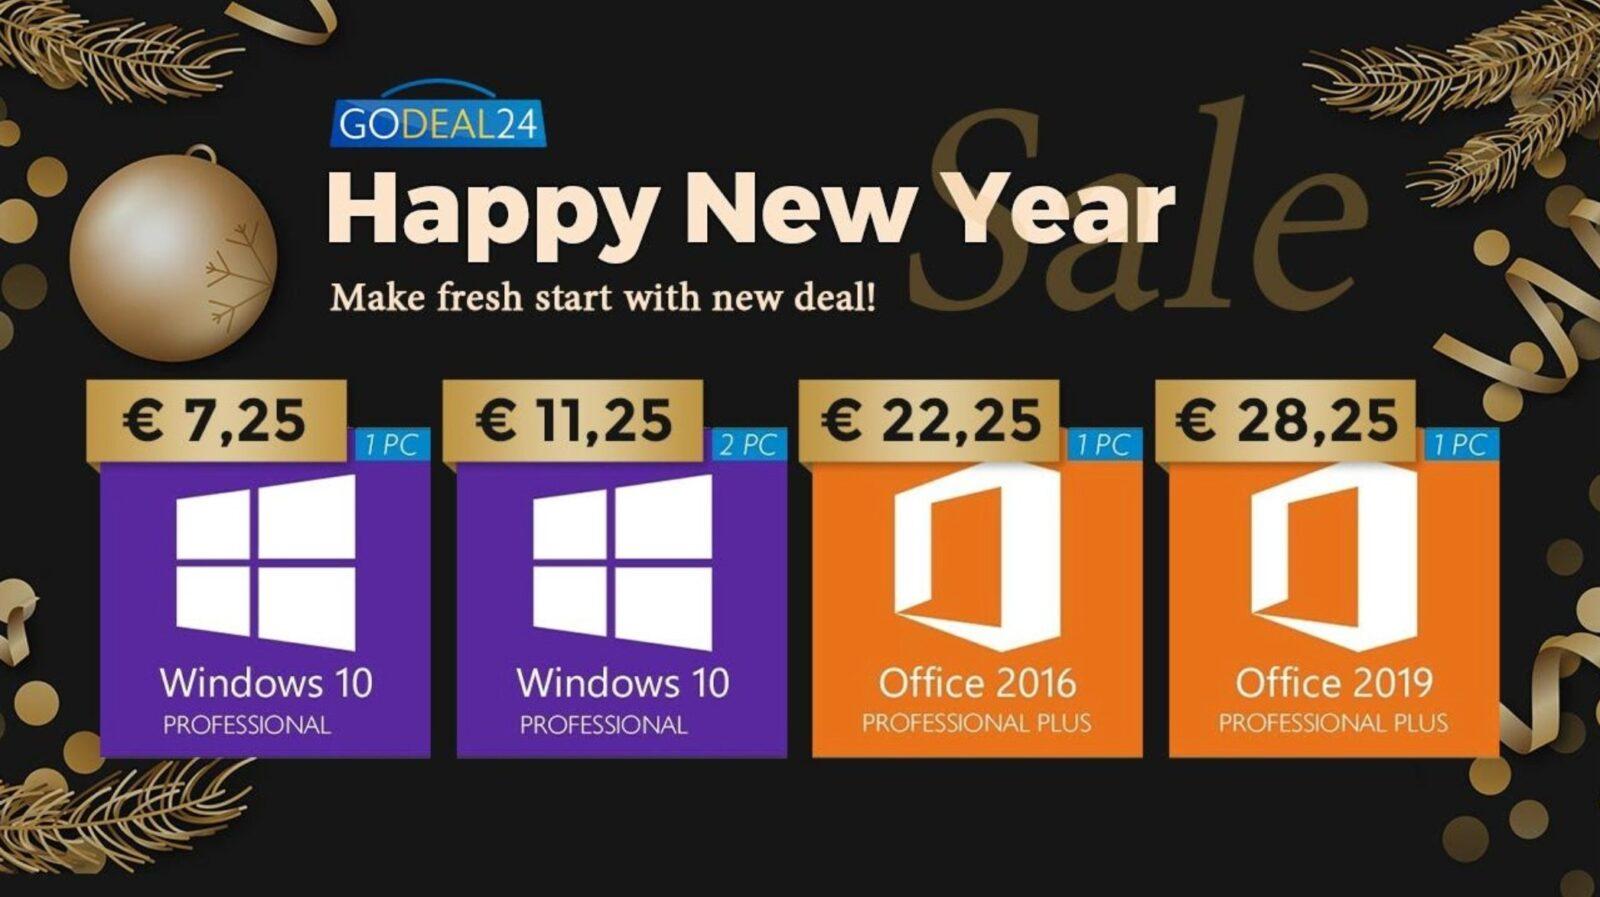 Solo 5 € per Windows 10, gratis con Microsoft Office: gli sconti Godeal24